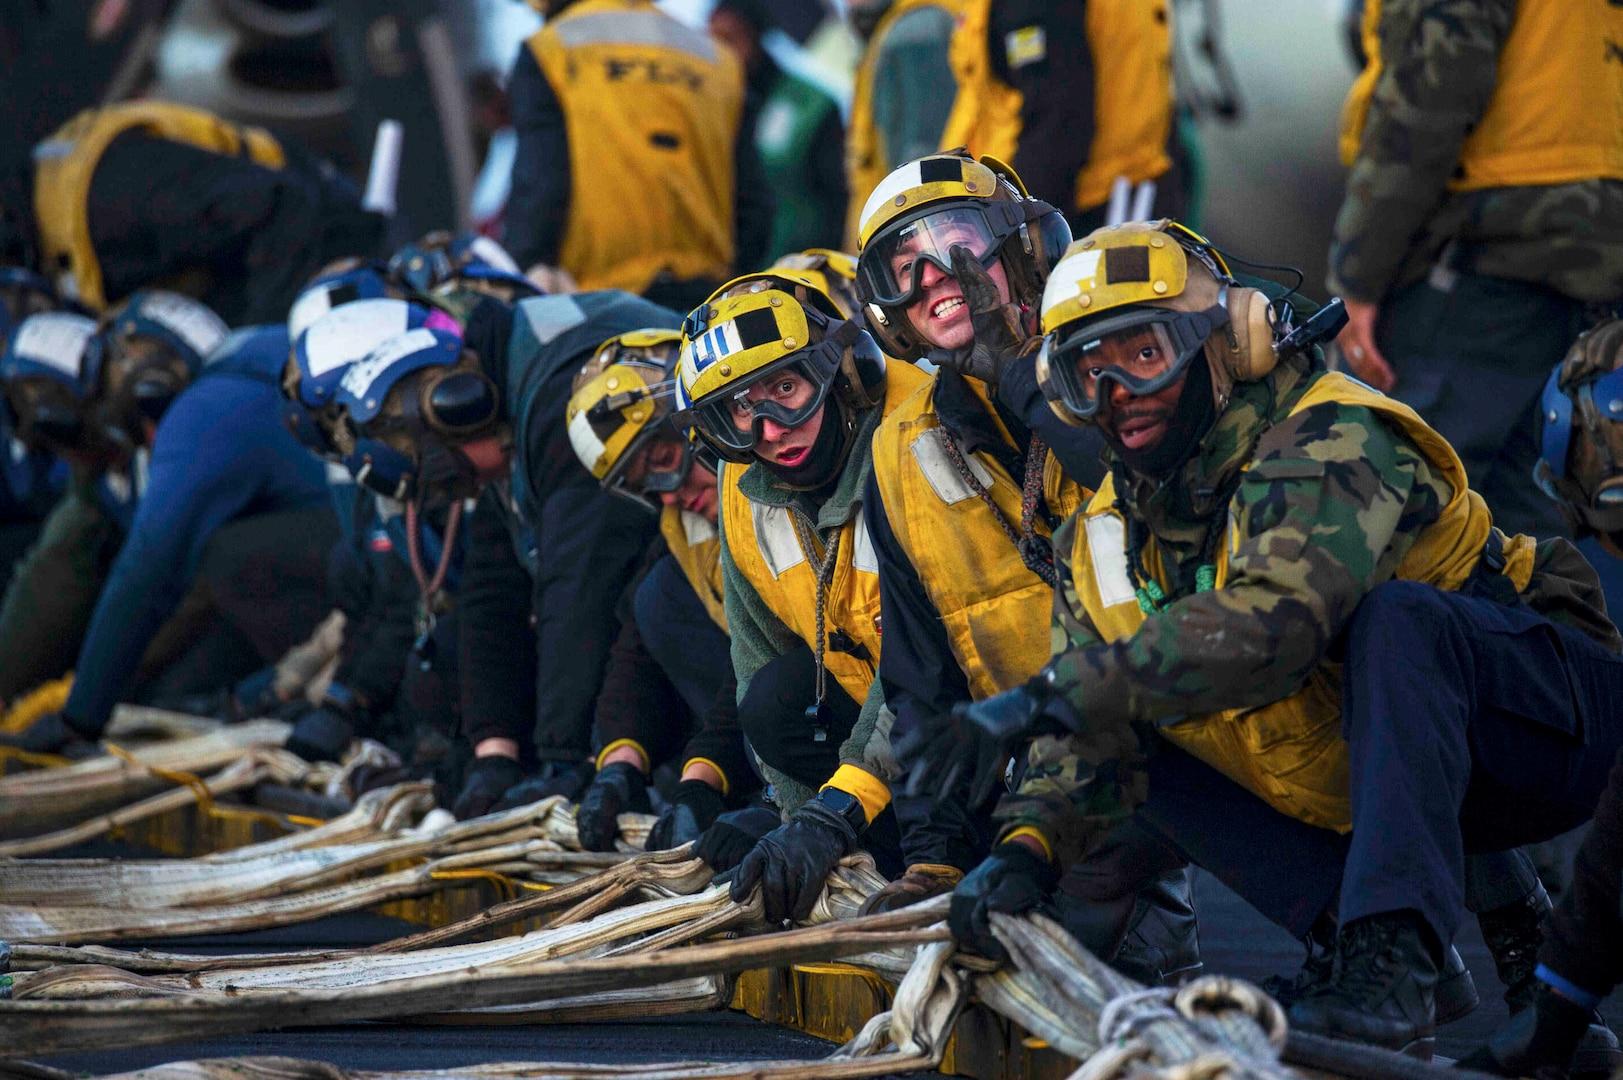 Sailors rig barricade during drill on flight deck aboard Nimitz-class aircraft carrier USS Harry S. Truman, December 2, 2018, Mediterranean Sea (U.S. Navy/Rebekah A. Watkins)